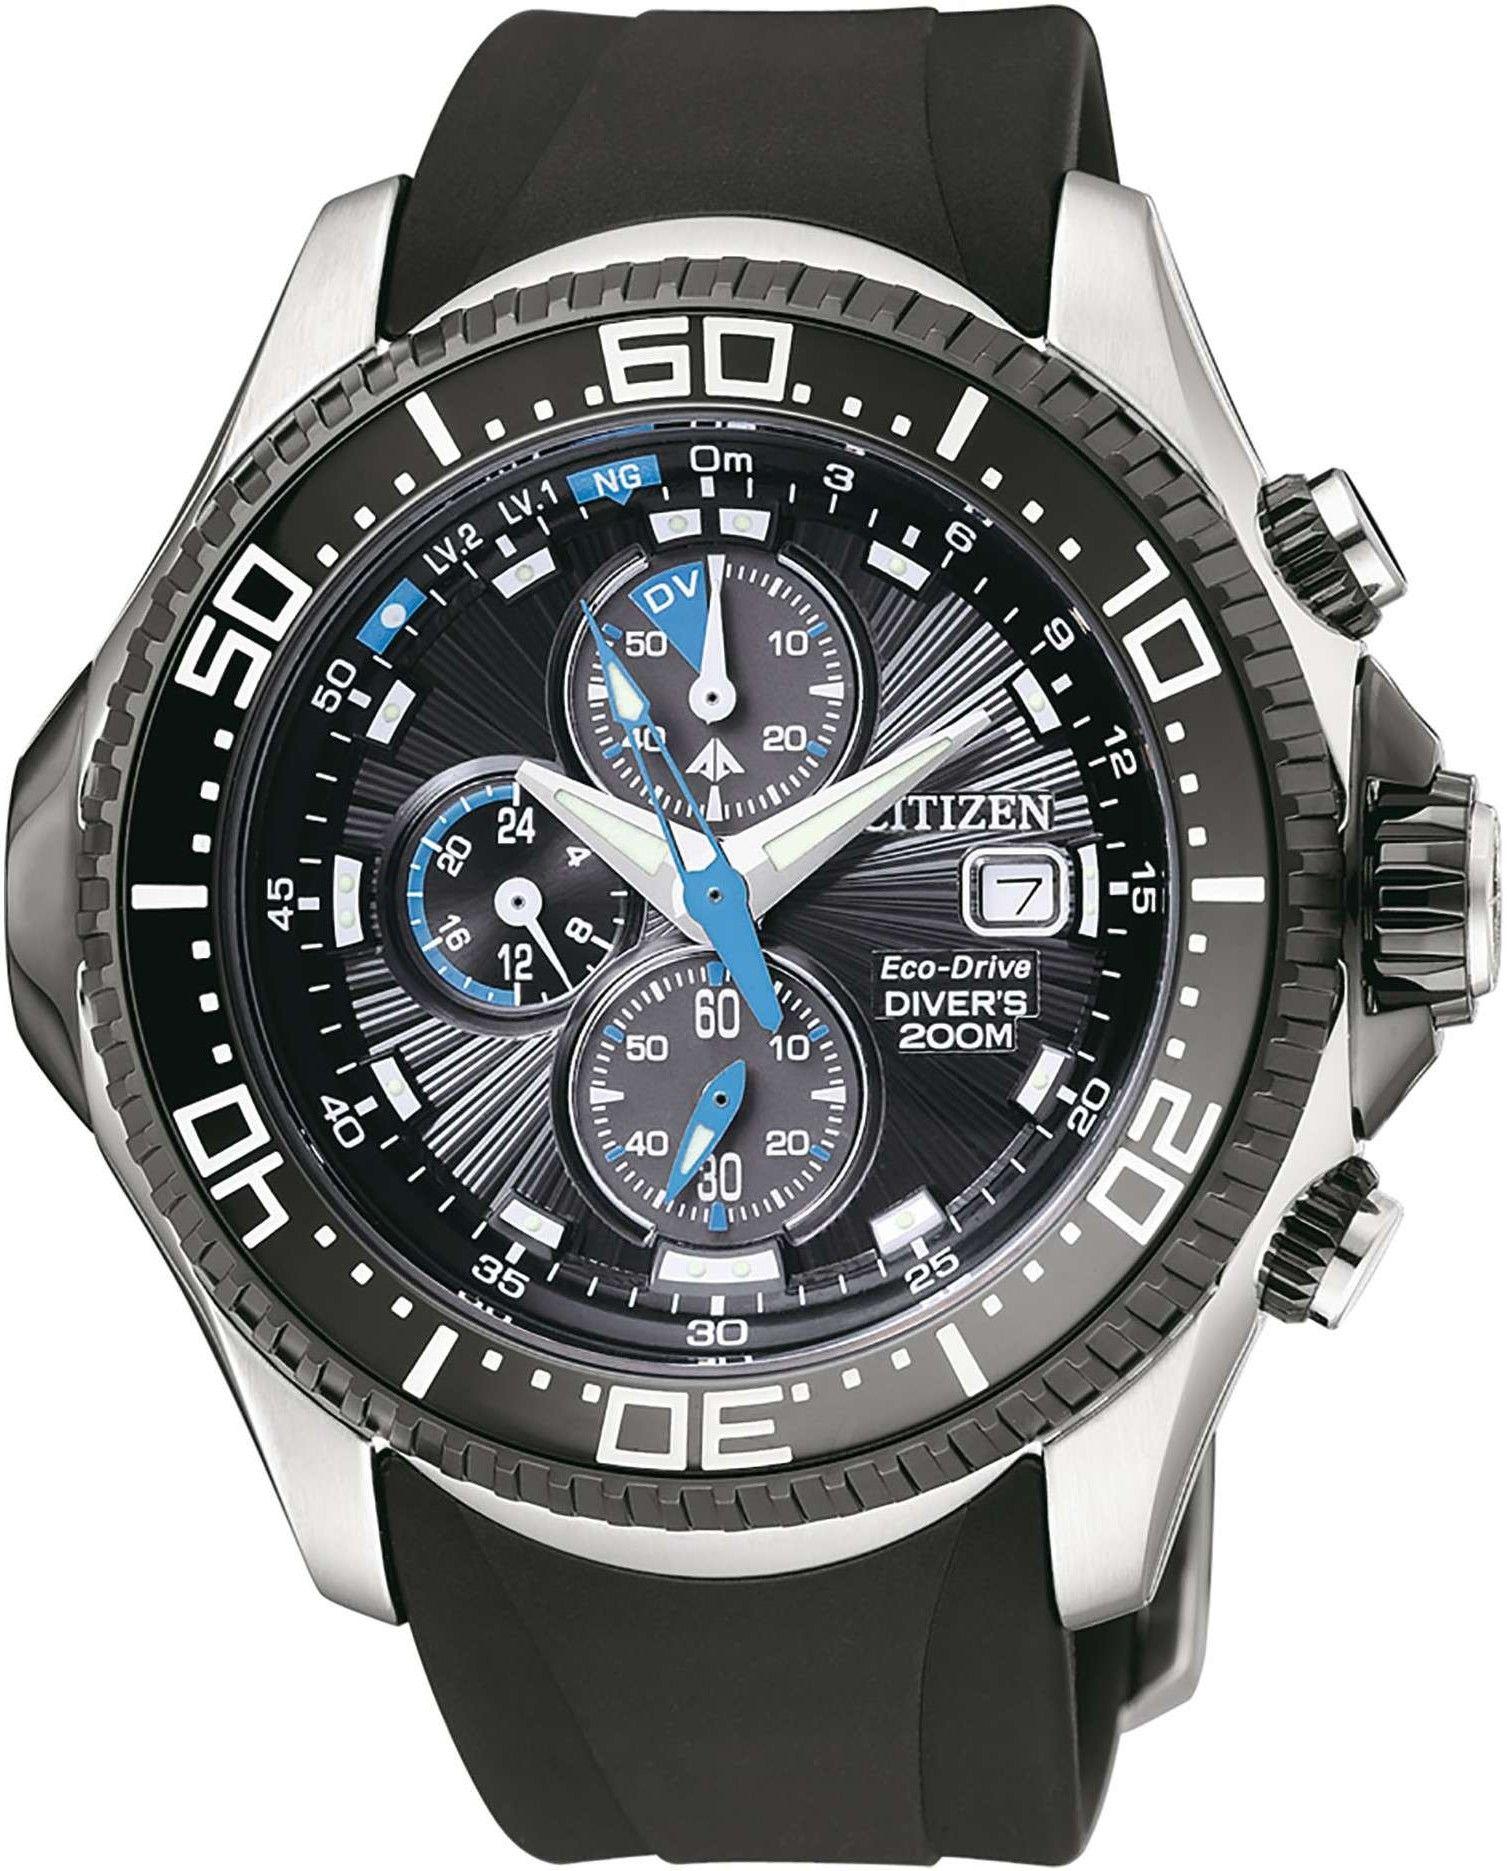 5ded89c01 Pánské hodinky - plastový řemínek, ocel pouzdro, minerální sklíčko. Veškeré  technické parametry naleznete níže